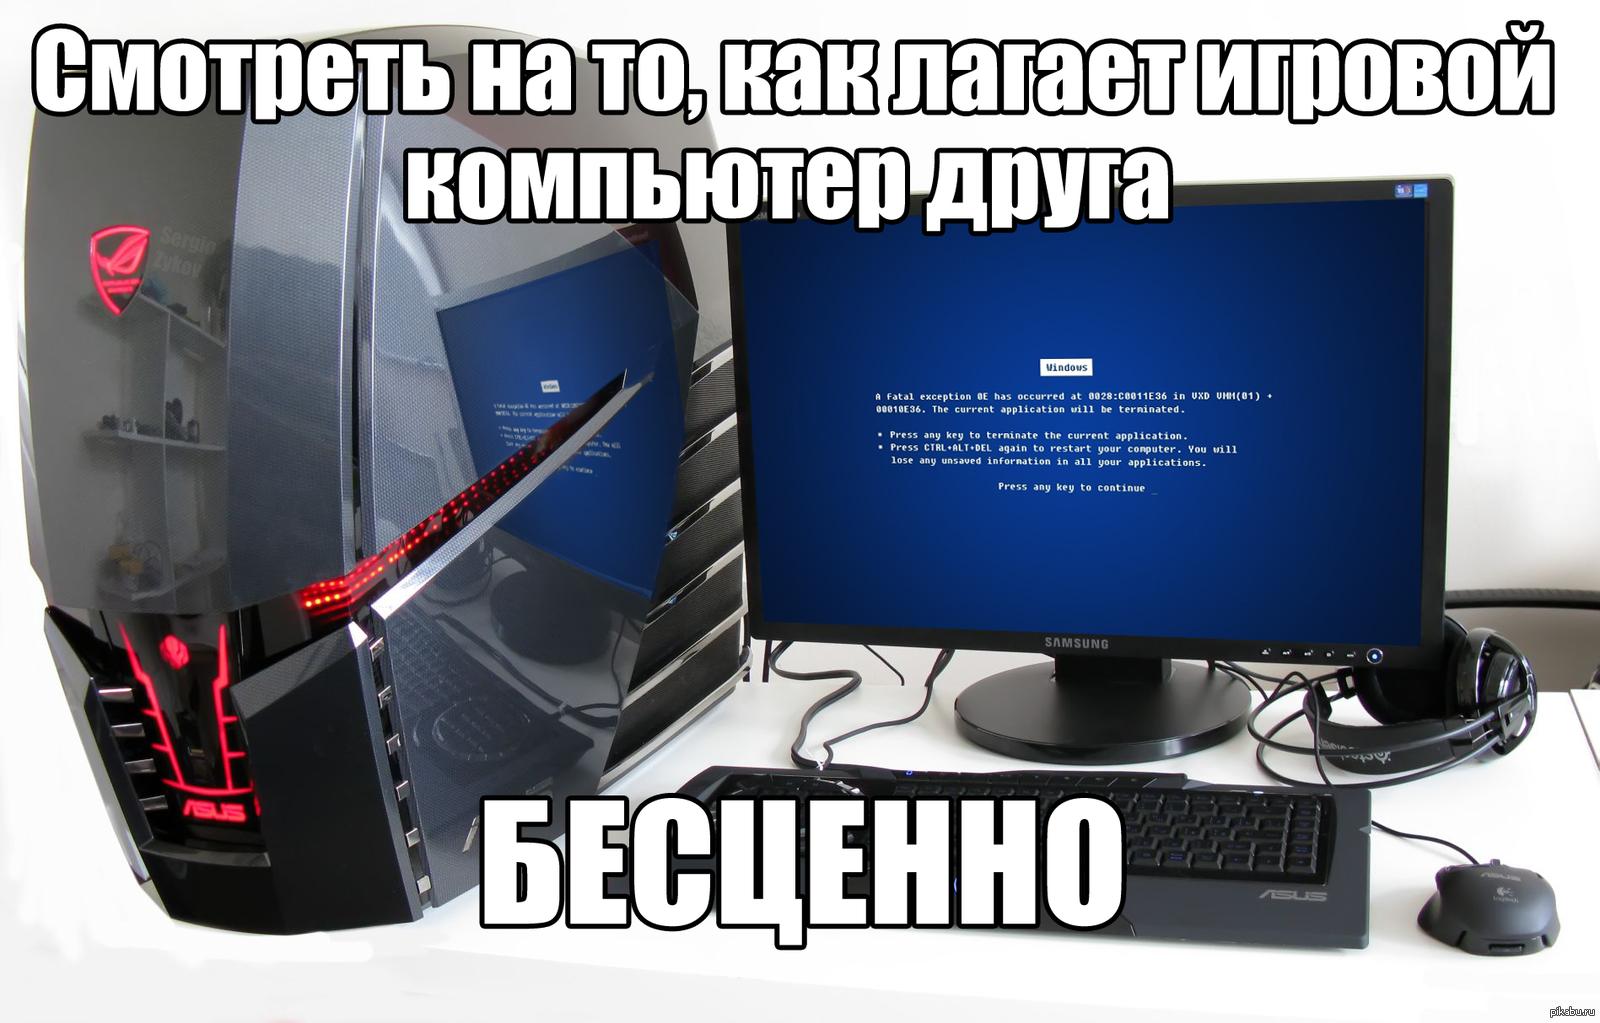 смешные картинки прикольные компьютеры жизнь шакура была